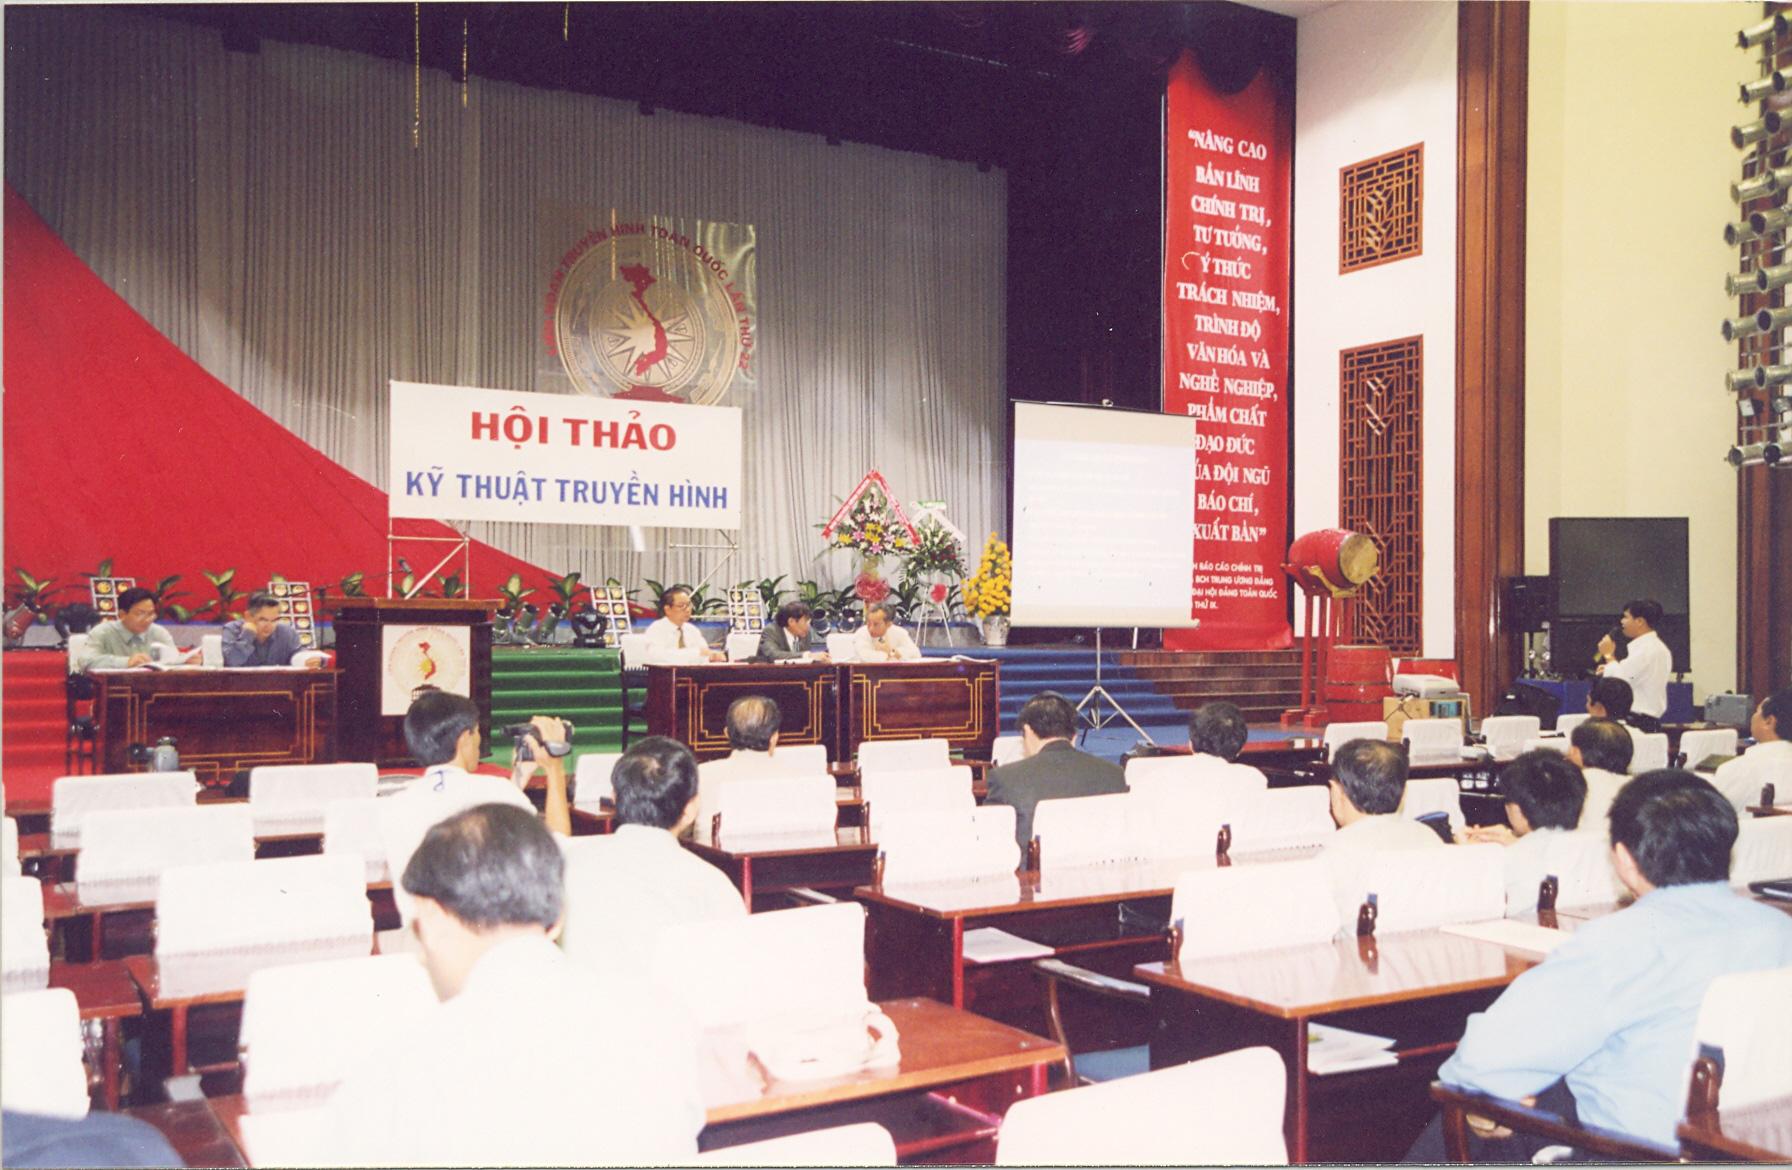 Hội thảo năm 2003